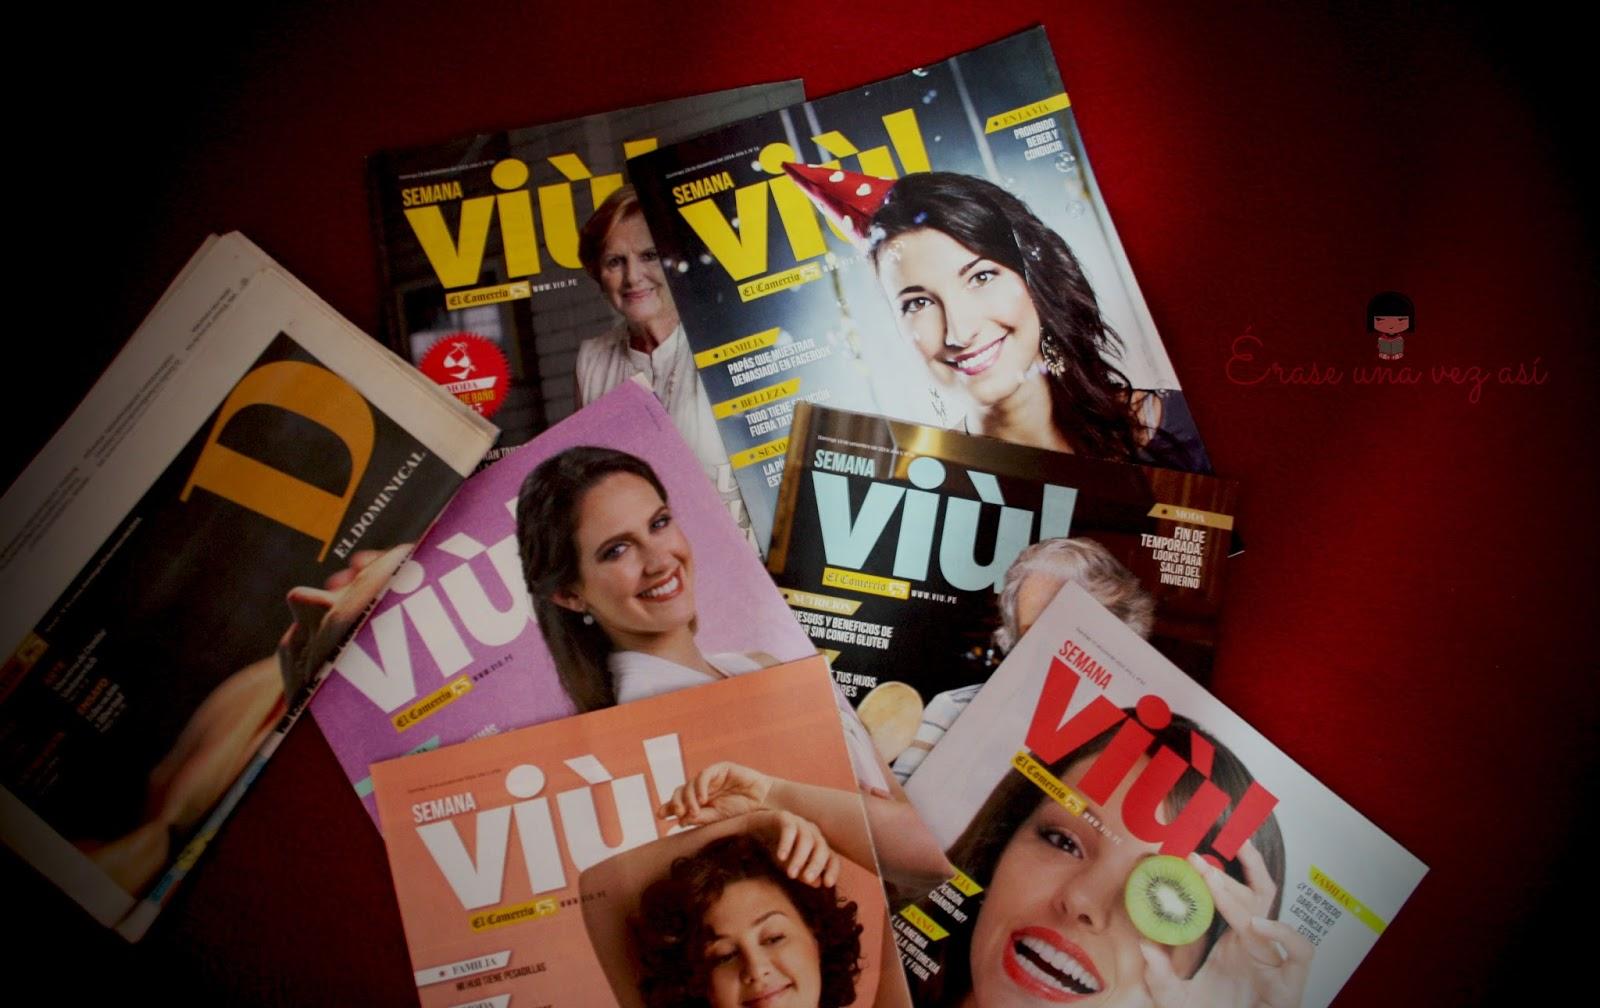 Revista viú, Diario El Comercio, lecturas para domingos, columna de Veronica Linares, columna de Natalia Parodi